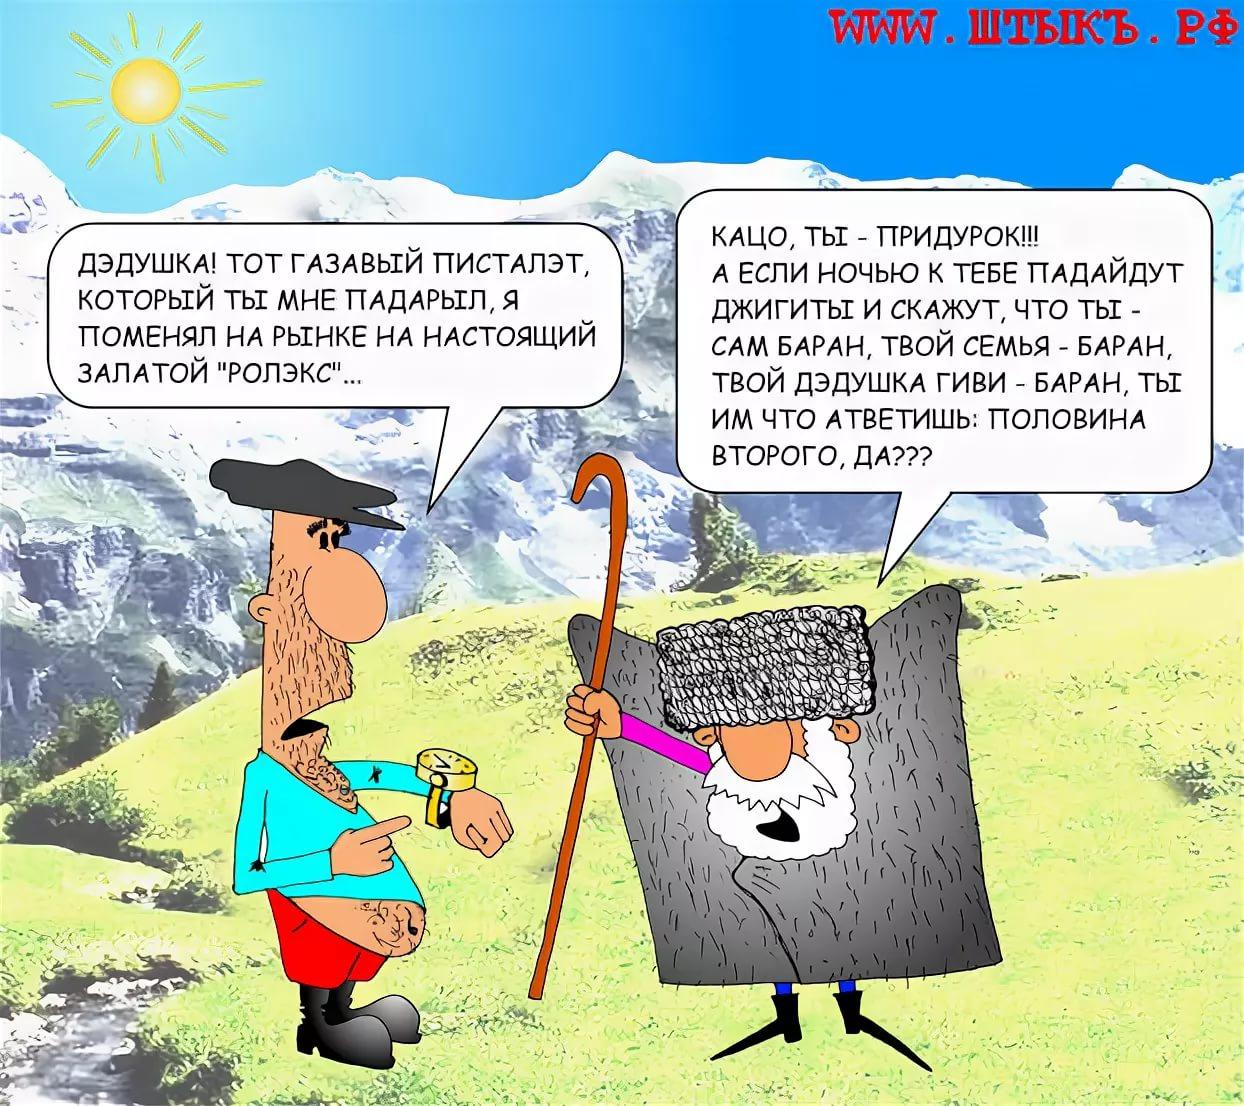 Анекдоты про кавказцев в картинках